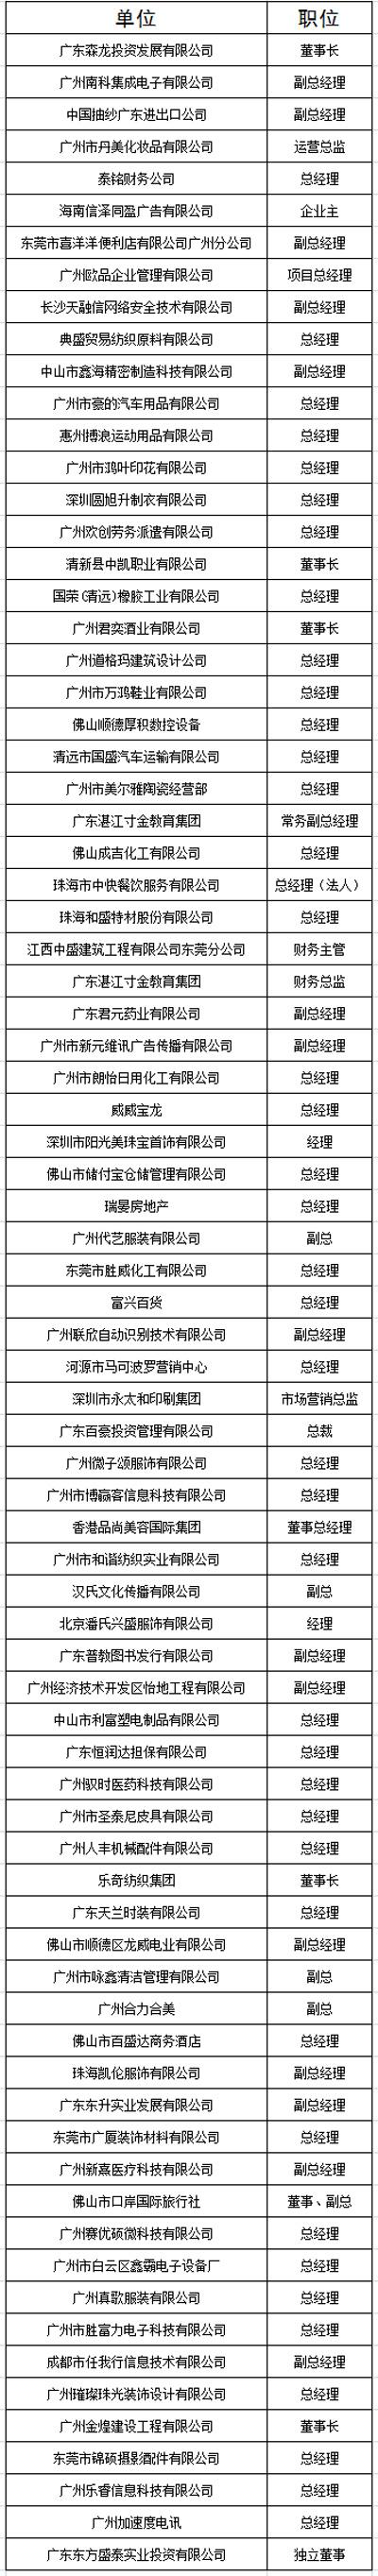 中山大学时代华商教育中心总裁高级工商管理高级研修班精要课程研修班二十七班学员名录册